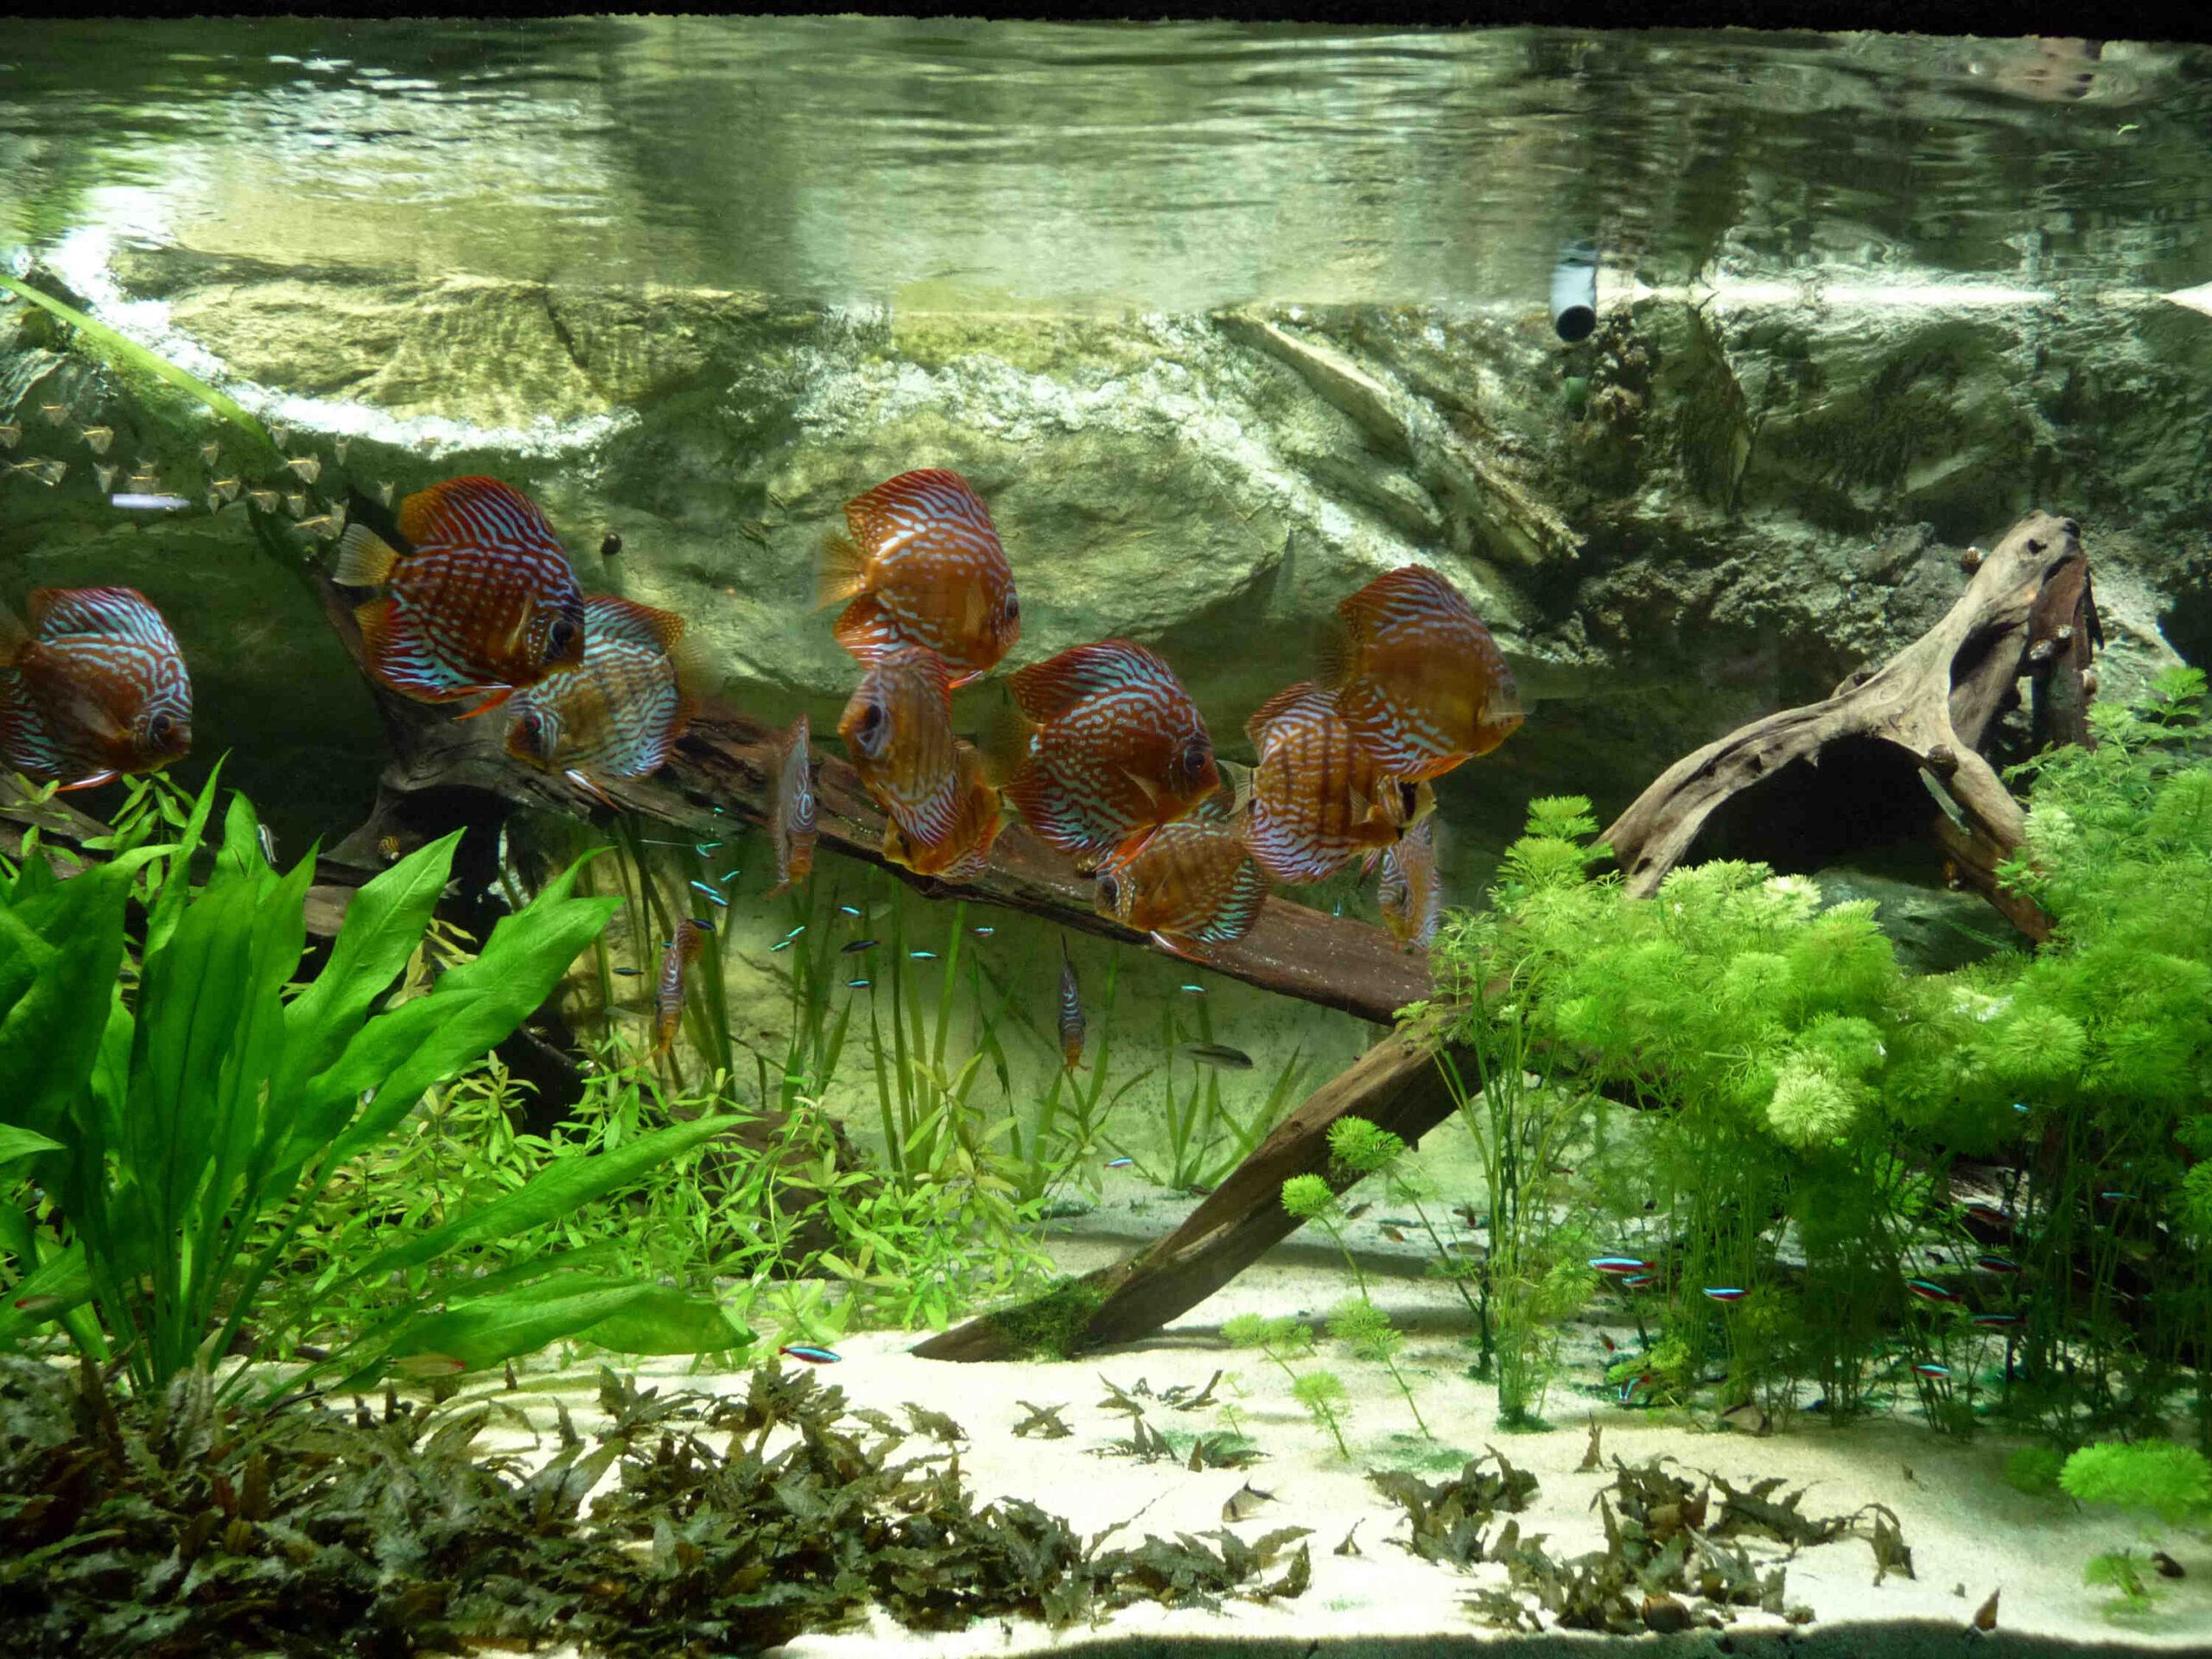 Comment faire un aquarium avec des plantes?